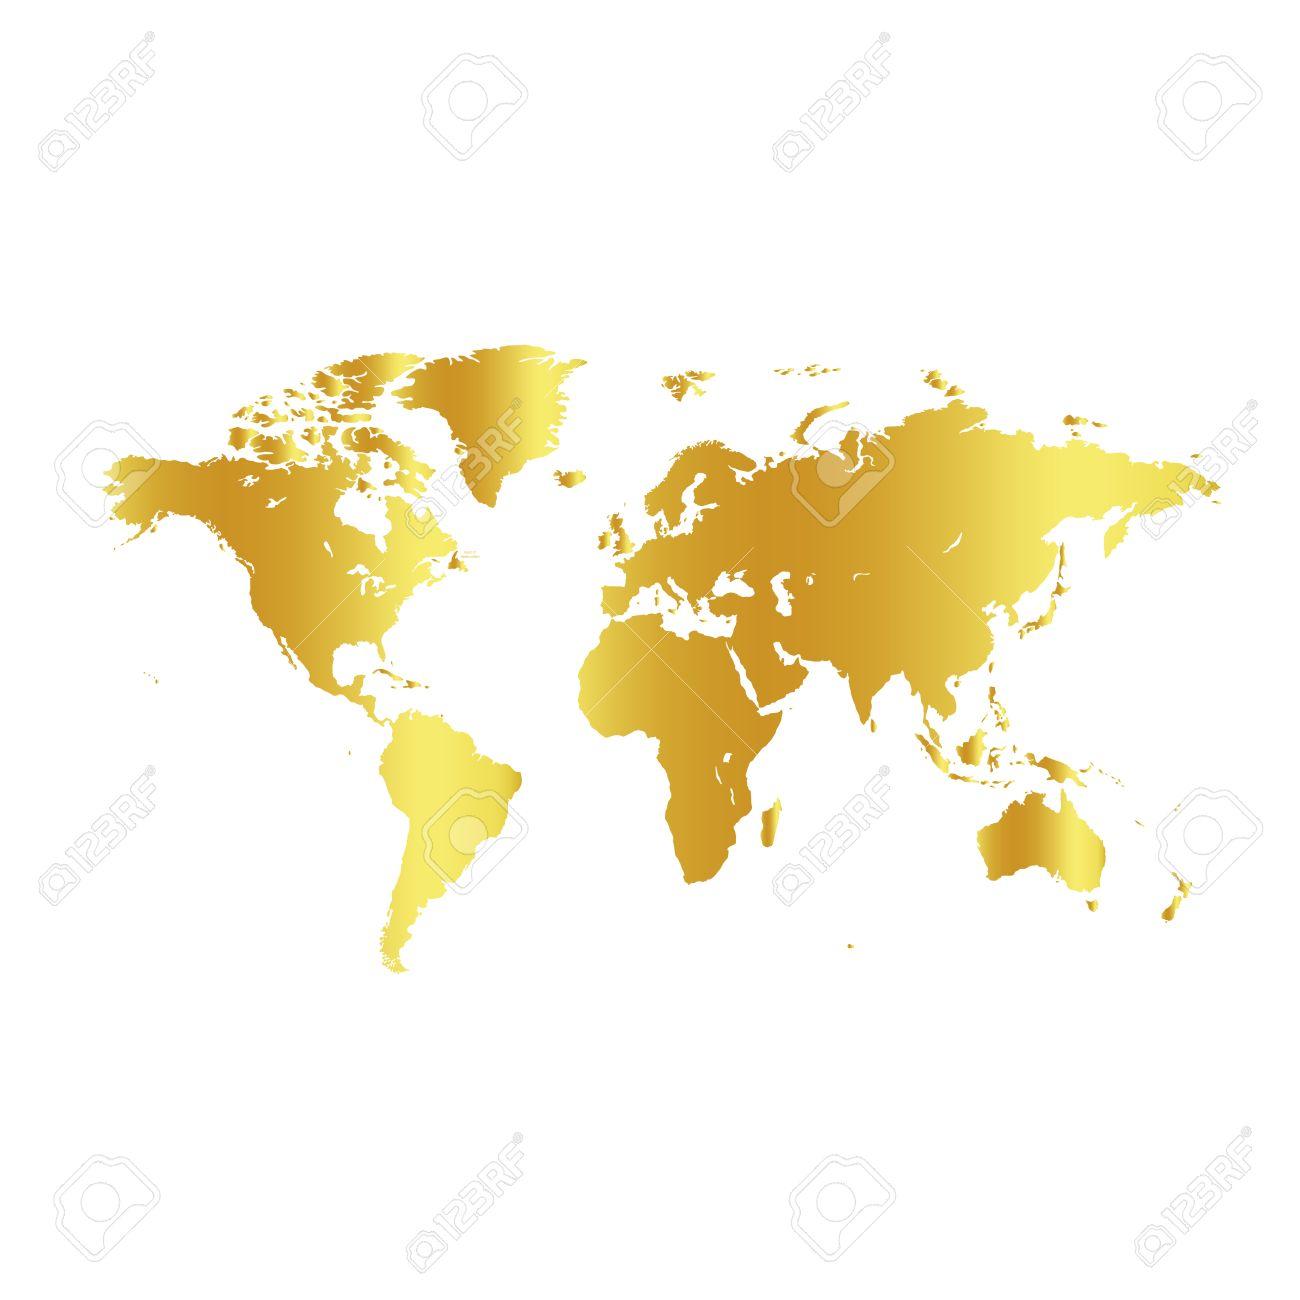 carte du monde fond d écran Or Couleur Carte Du Monde Sur Fond Blanc. Globe Conception Toile